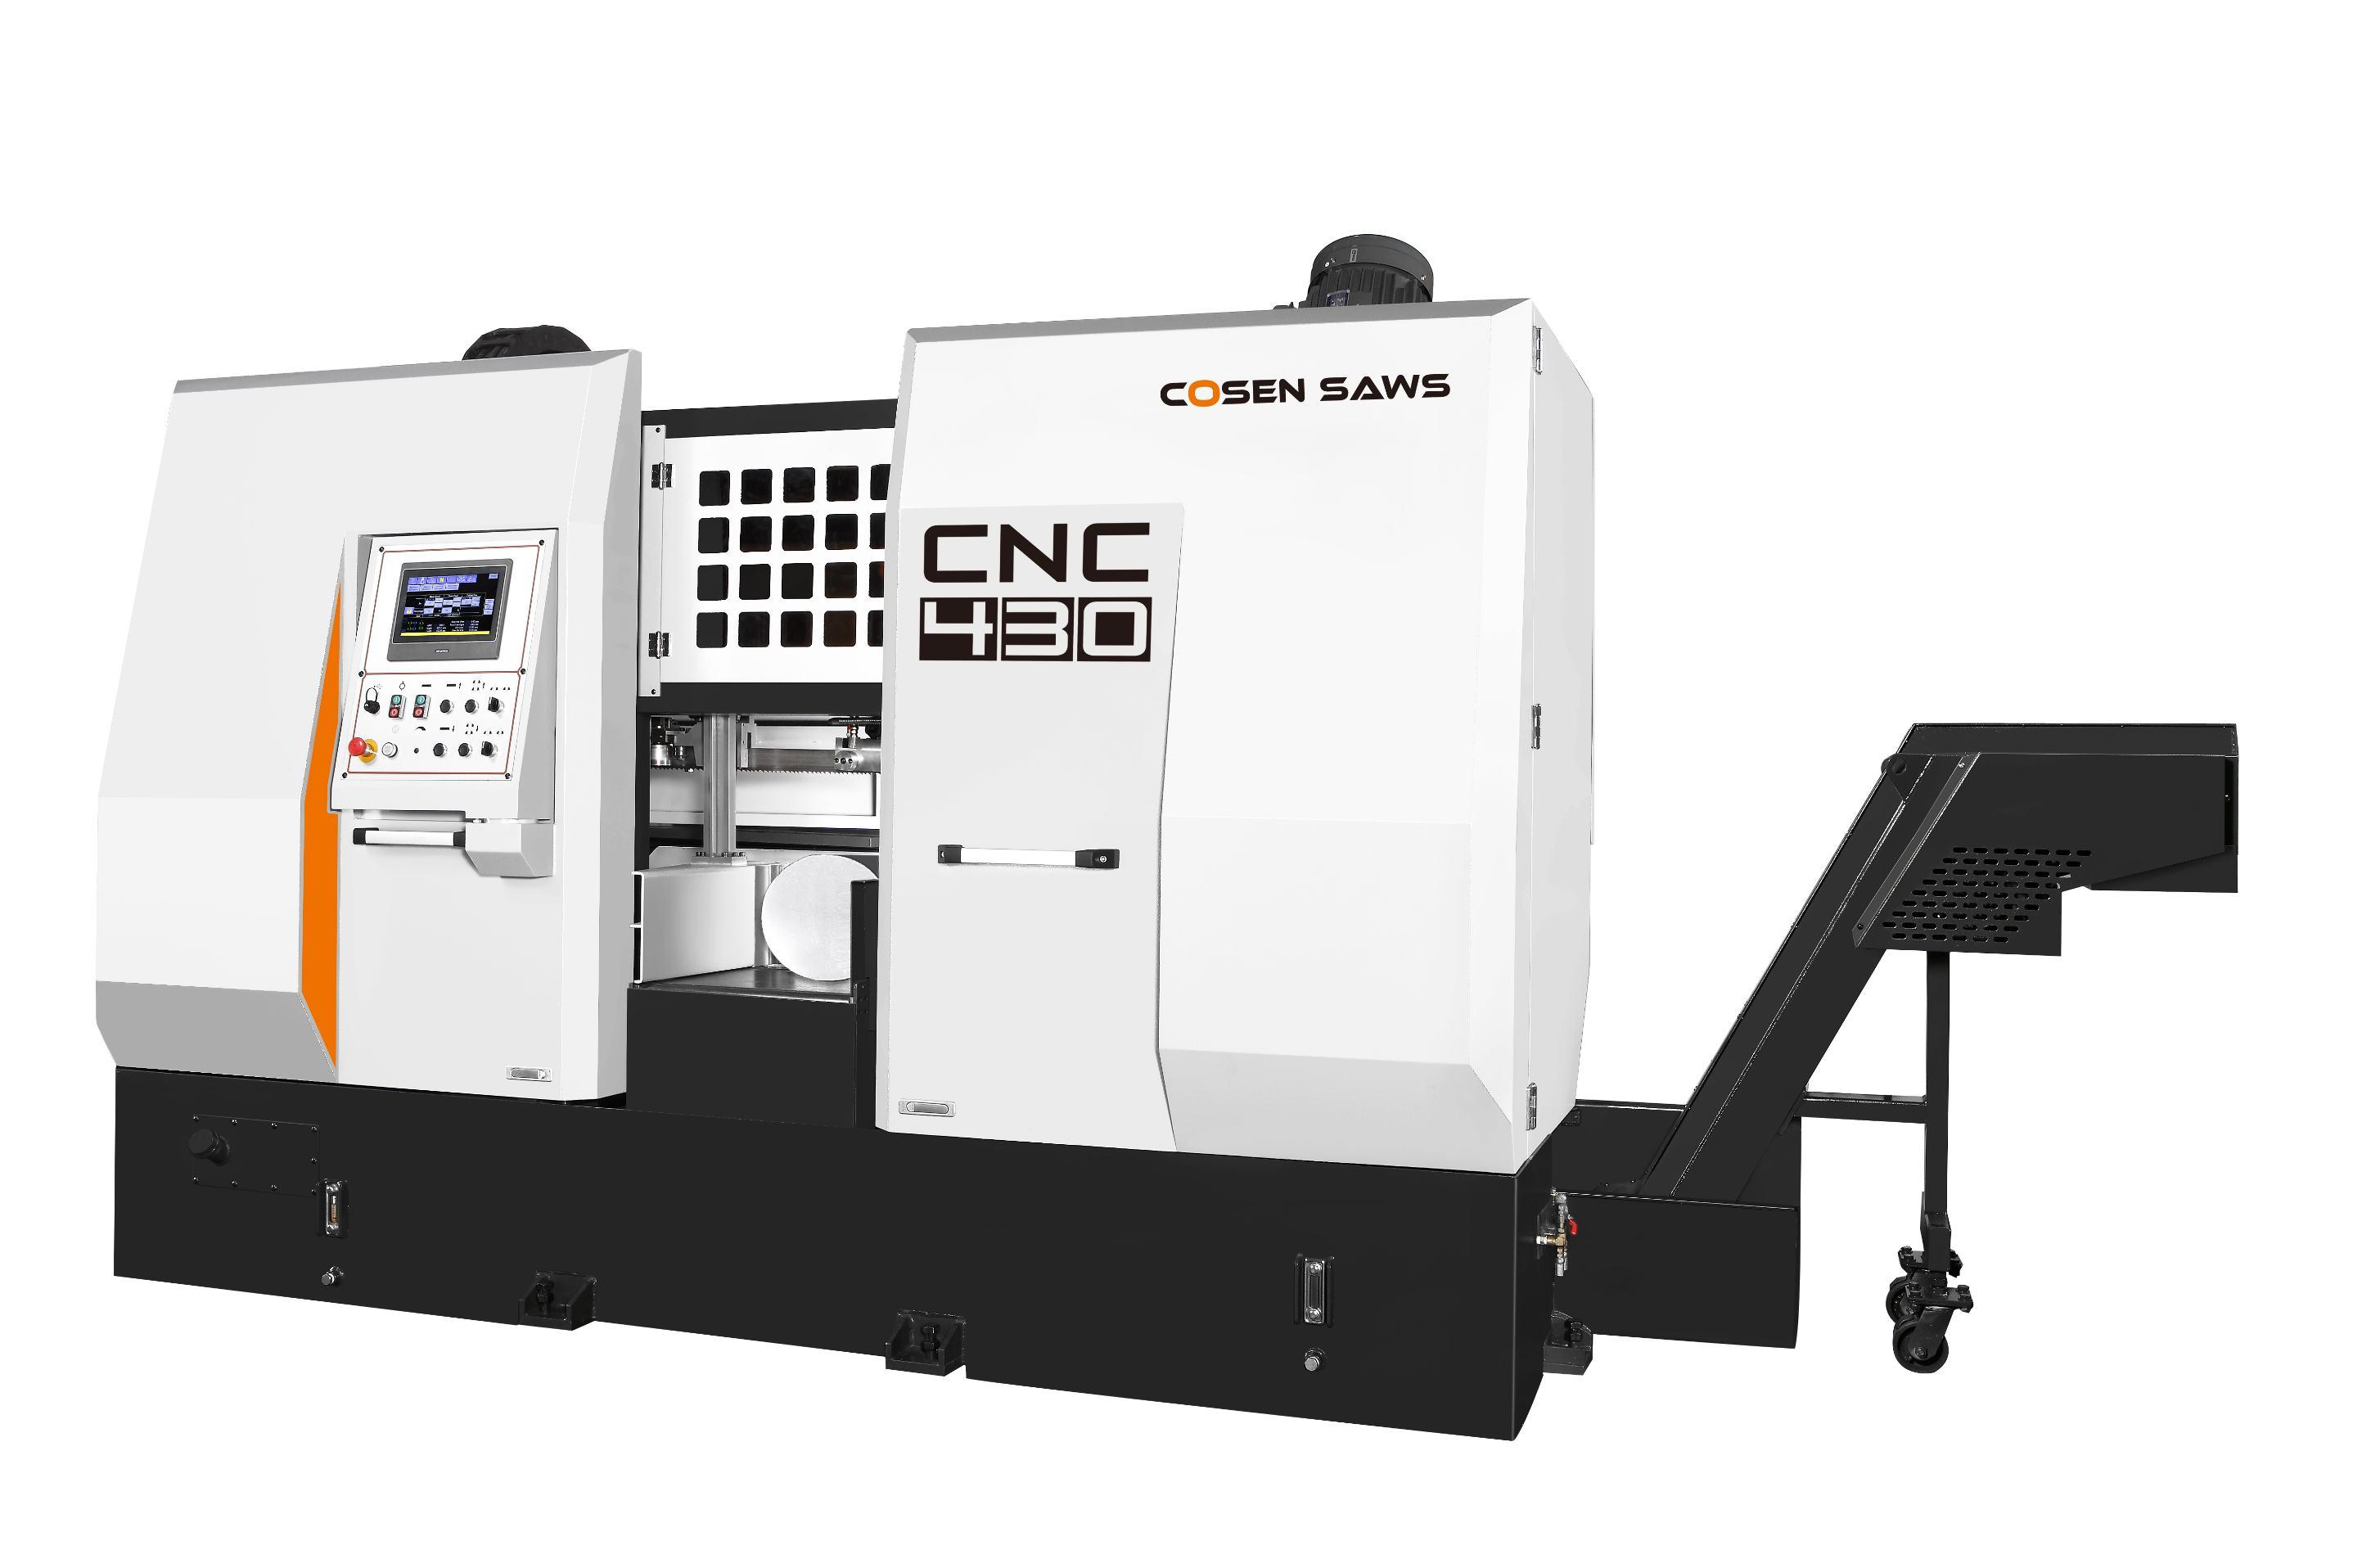 高效钨钢智控带锯床CNC-430